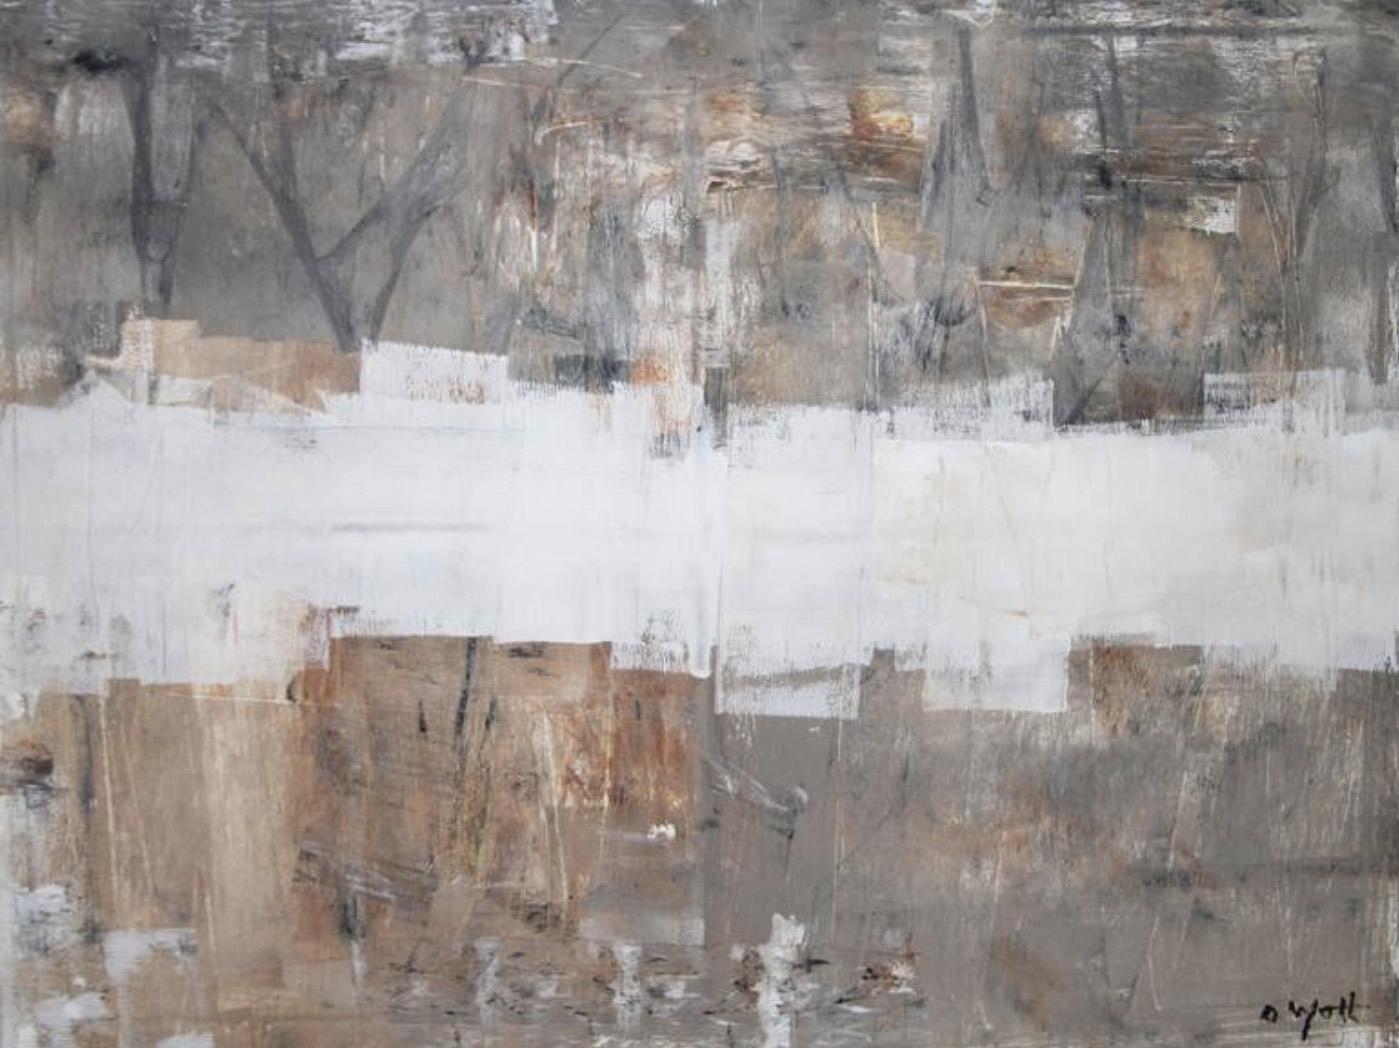 Berlin Wall by Oliver Watt